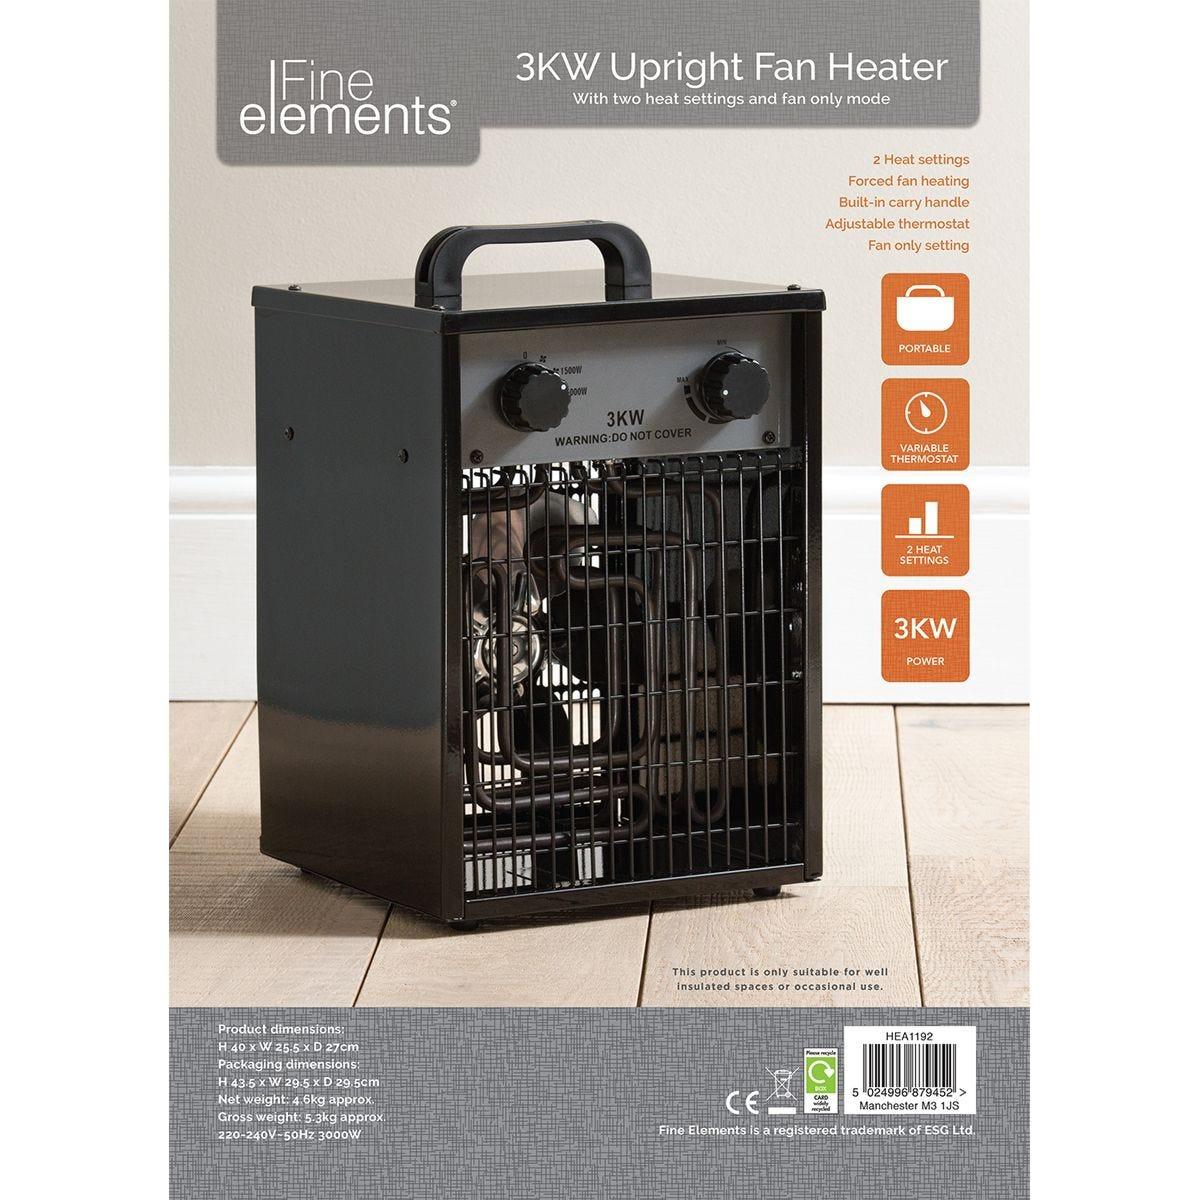 Fine Elements Upright 3kw Fan Heater - Black